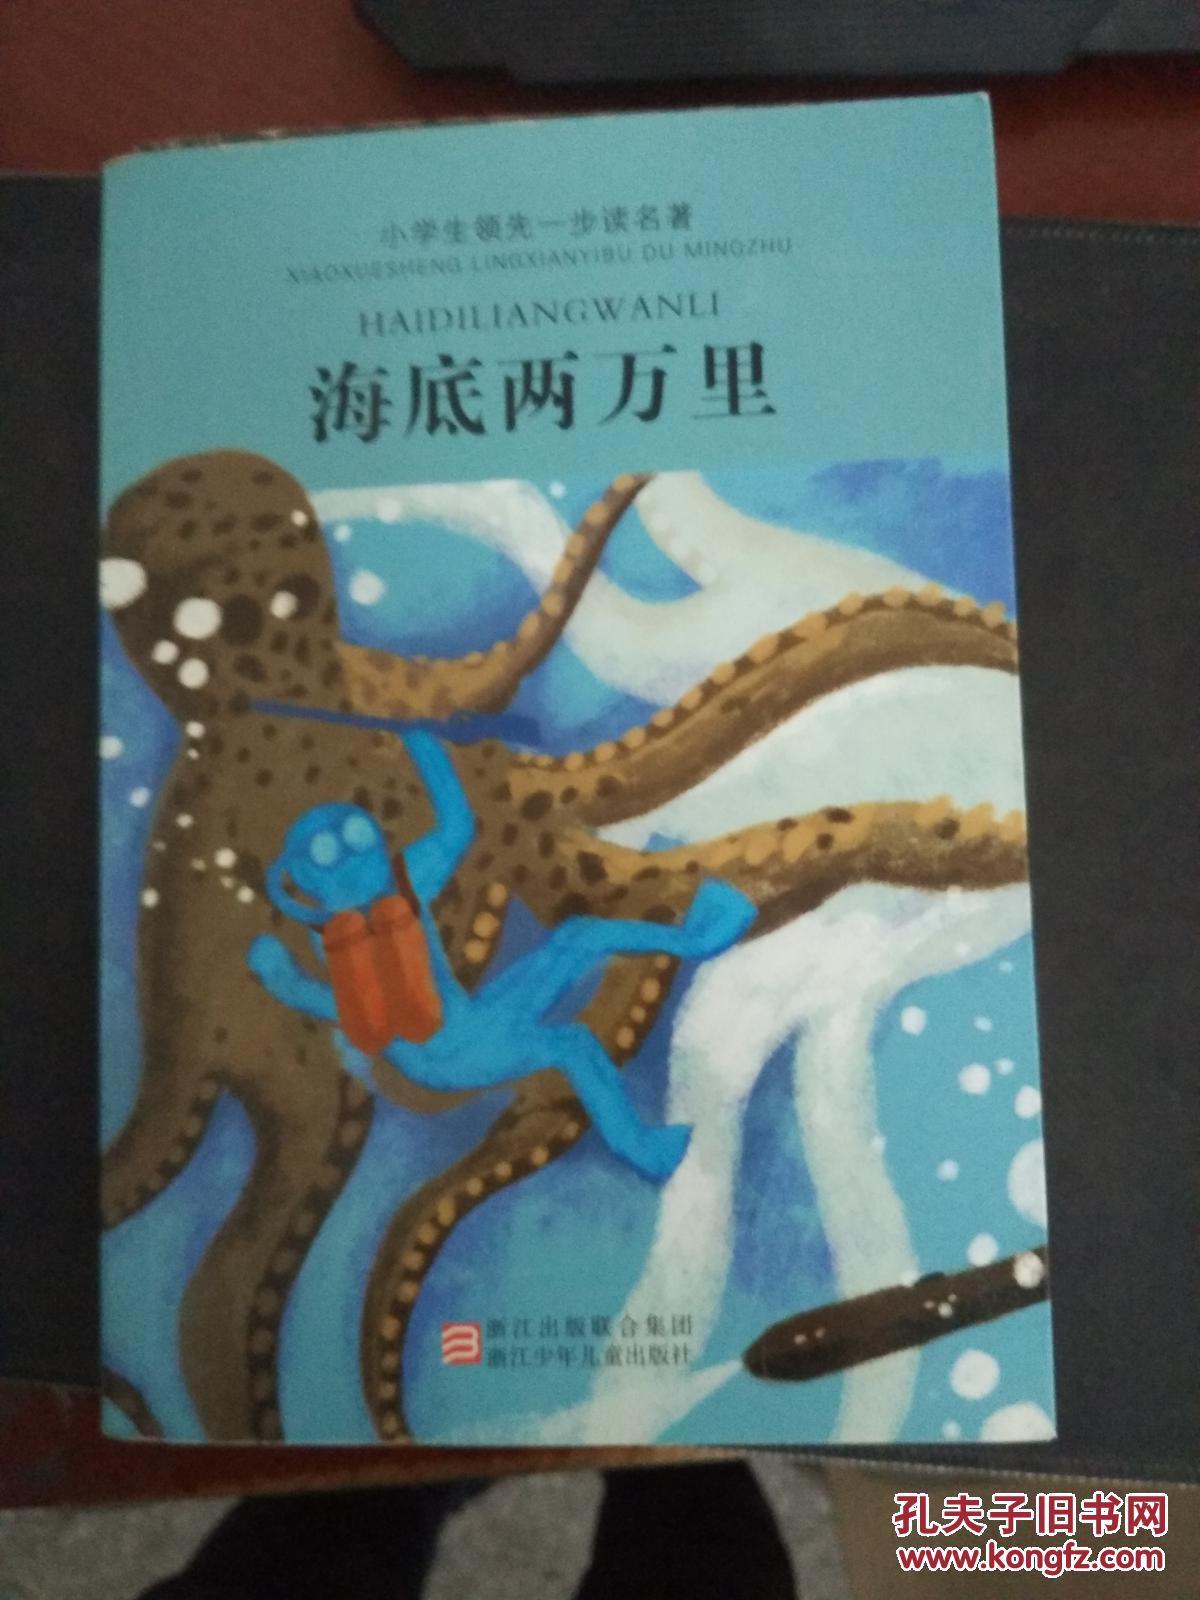 【图】小学生v名著一步读名著:海底两万里(有笔禁毒儿歌小学生